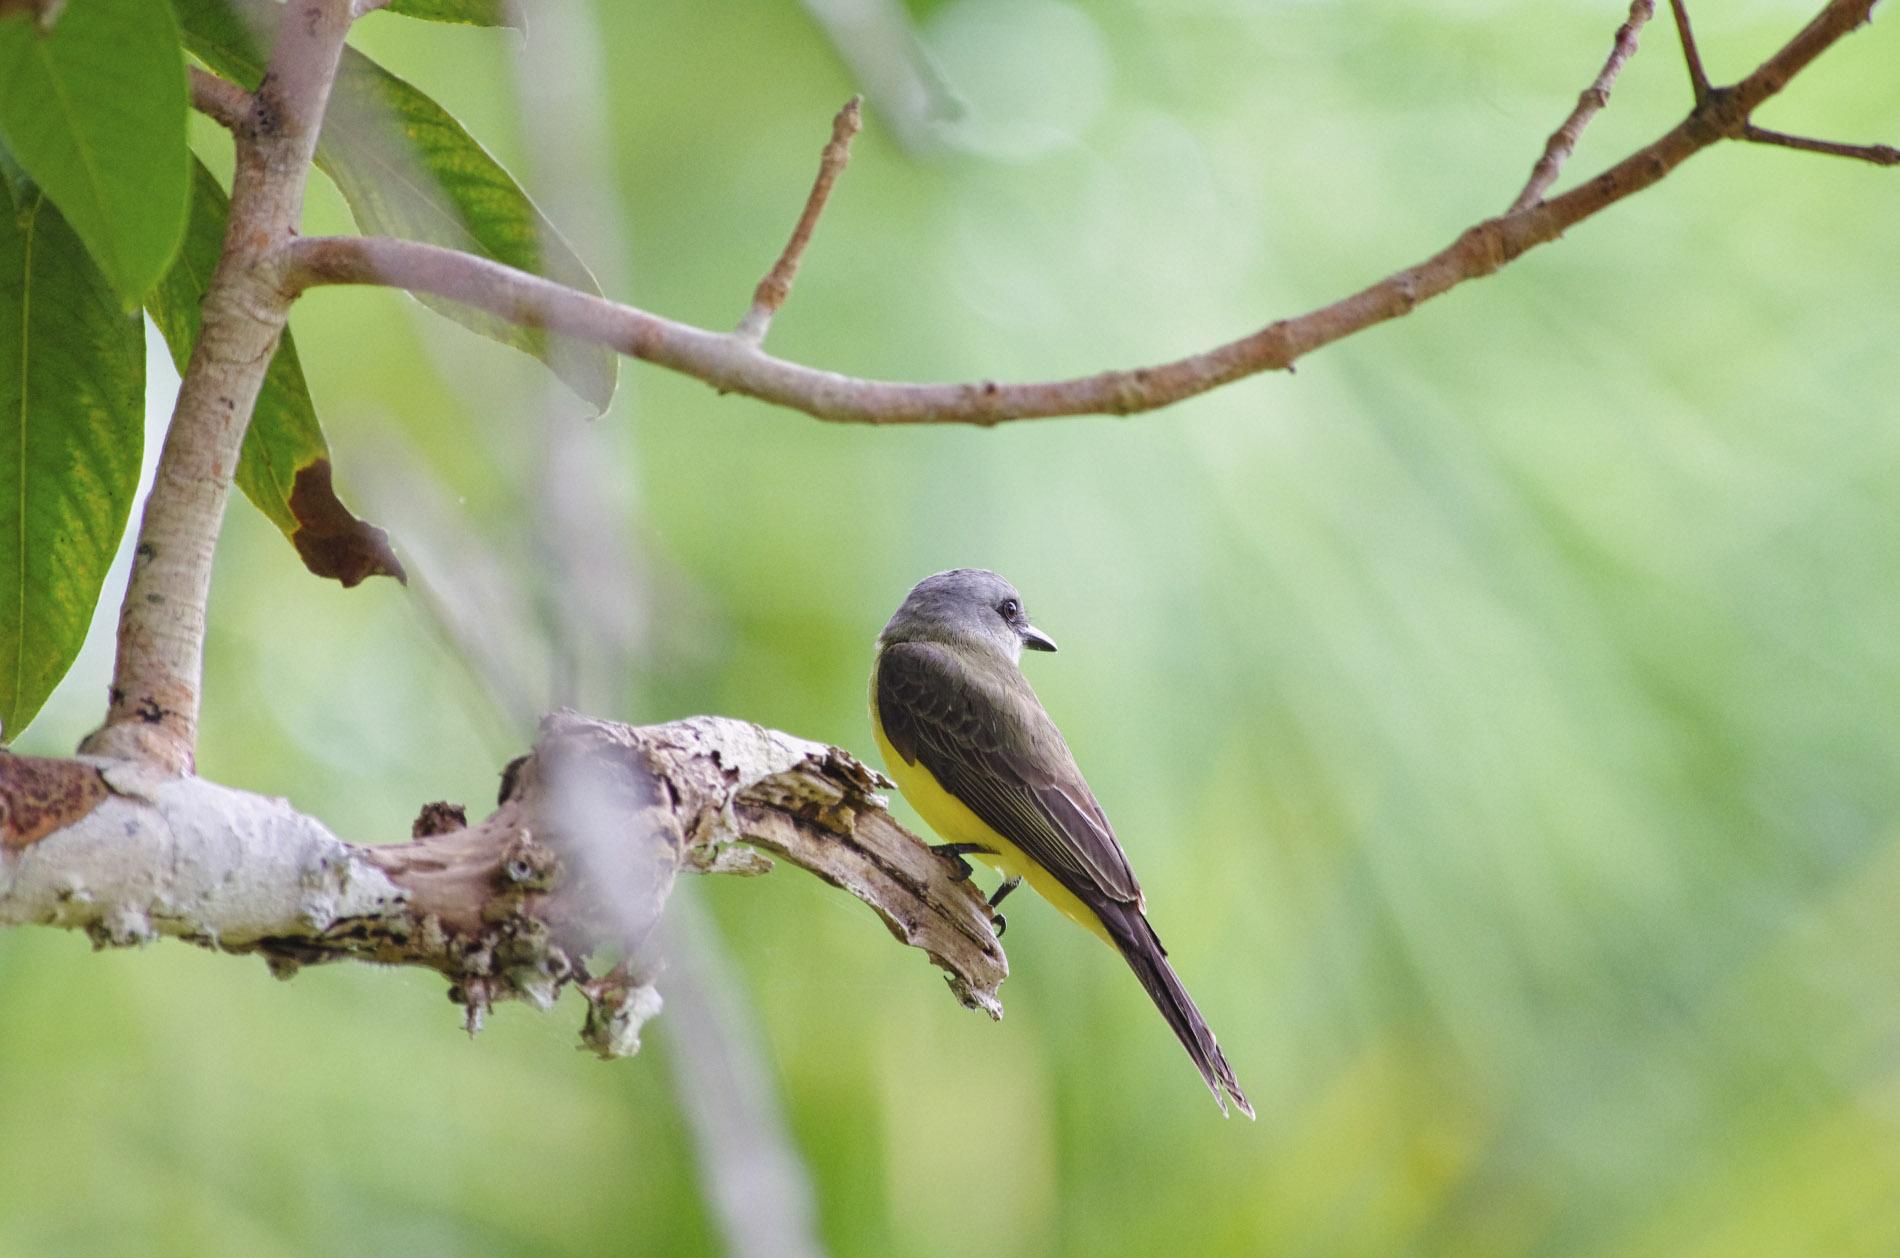 Flycatcher - Amazonas-Peru